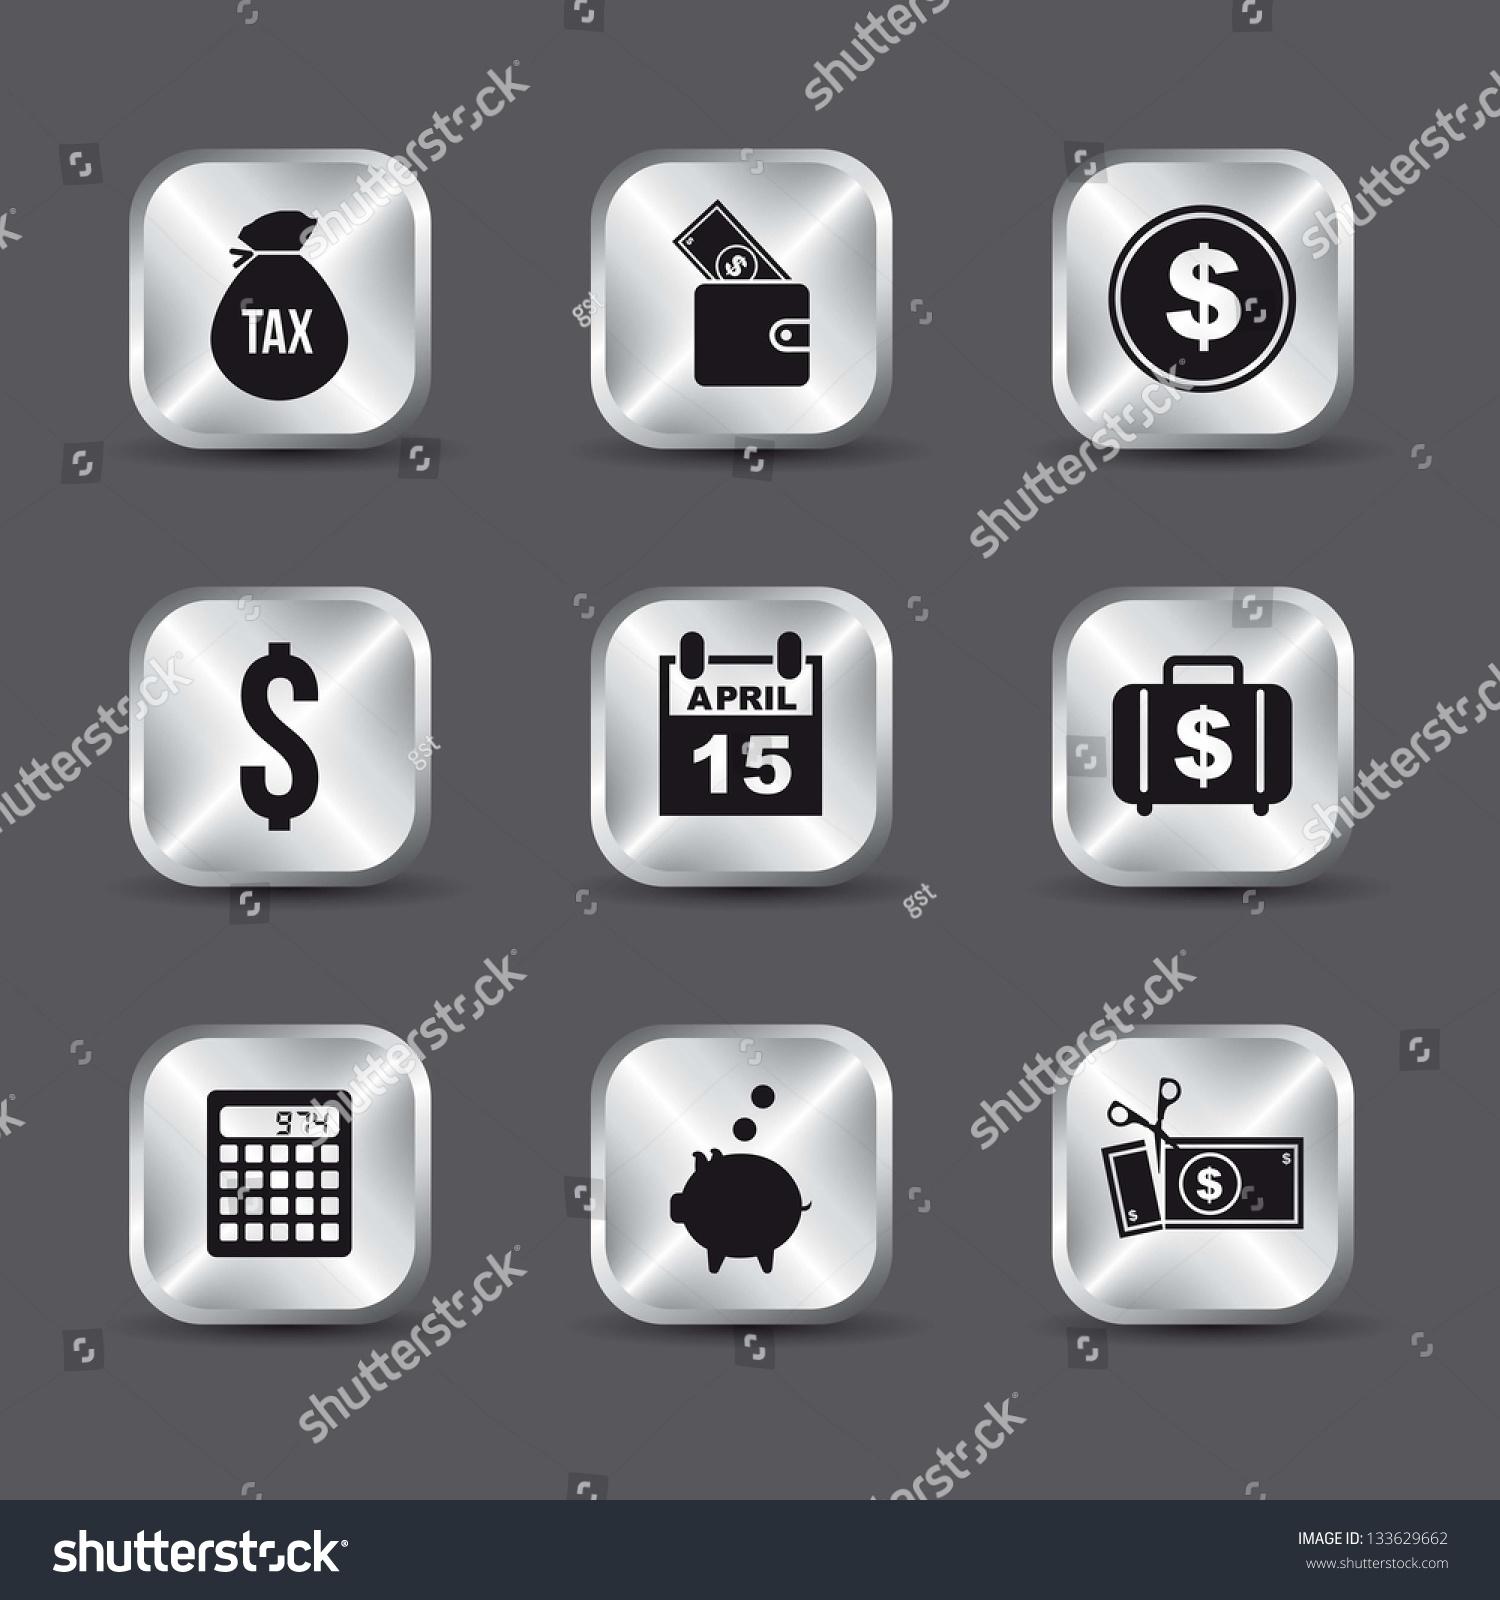 税收在灰色背景图标.矢量图-商业/金融,其它-海洛创意